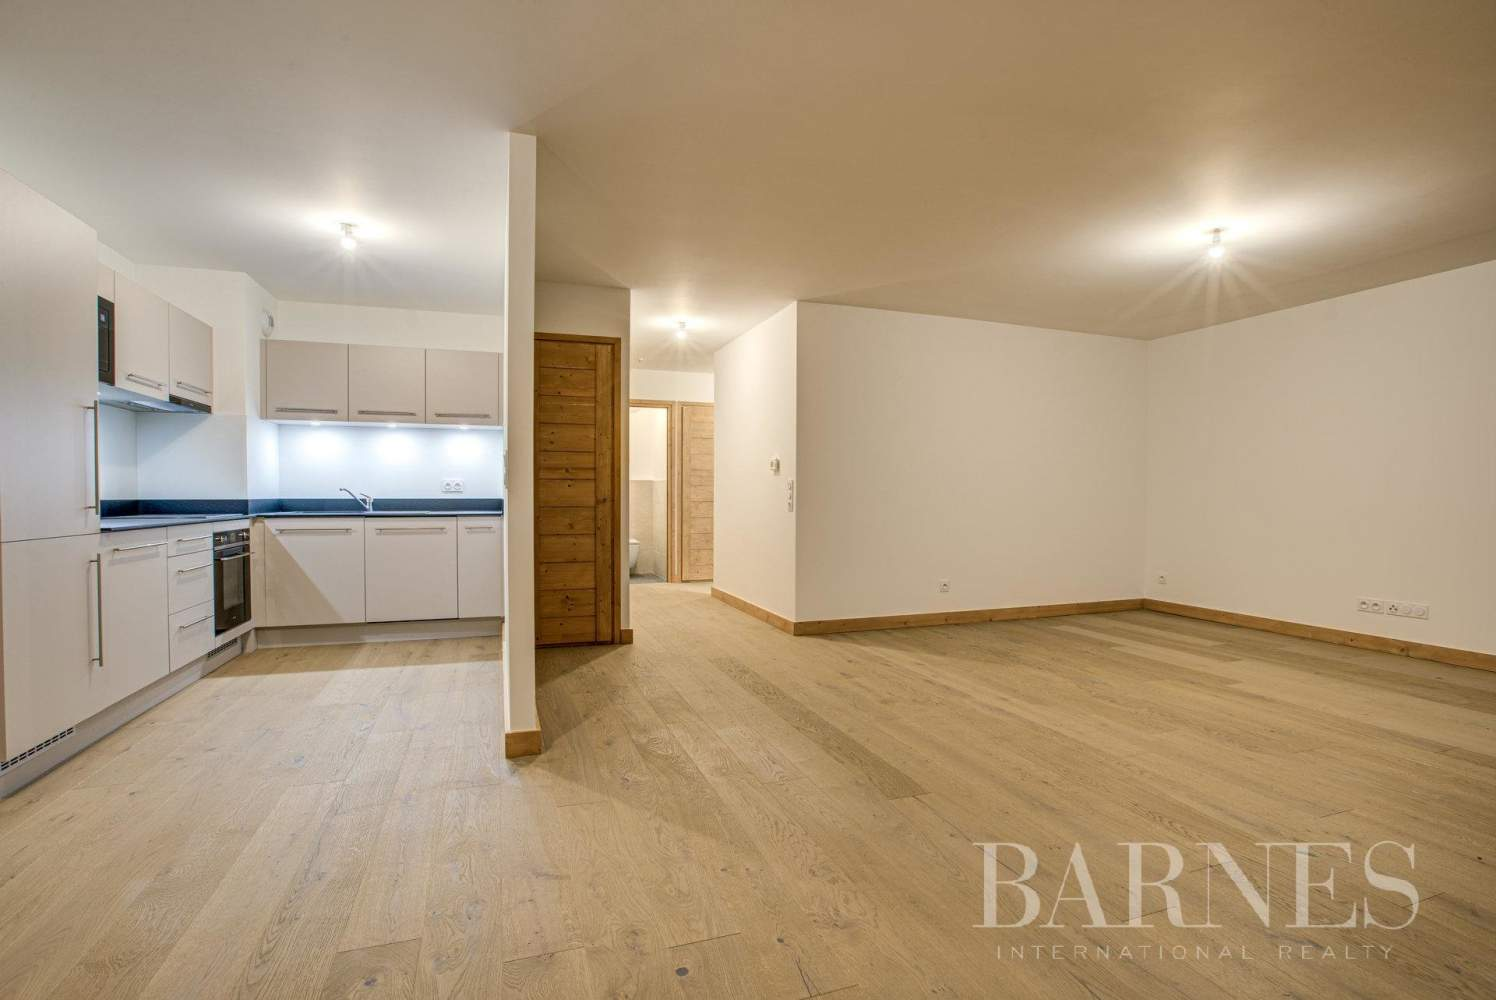 CHAMONIX-Les Praz- bel appartement neuf- 3 chambres-1 coin montagne-2 garages picture 8